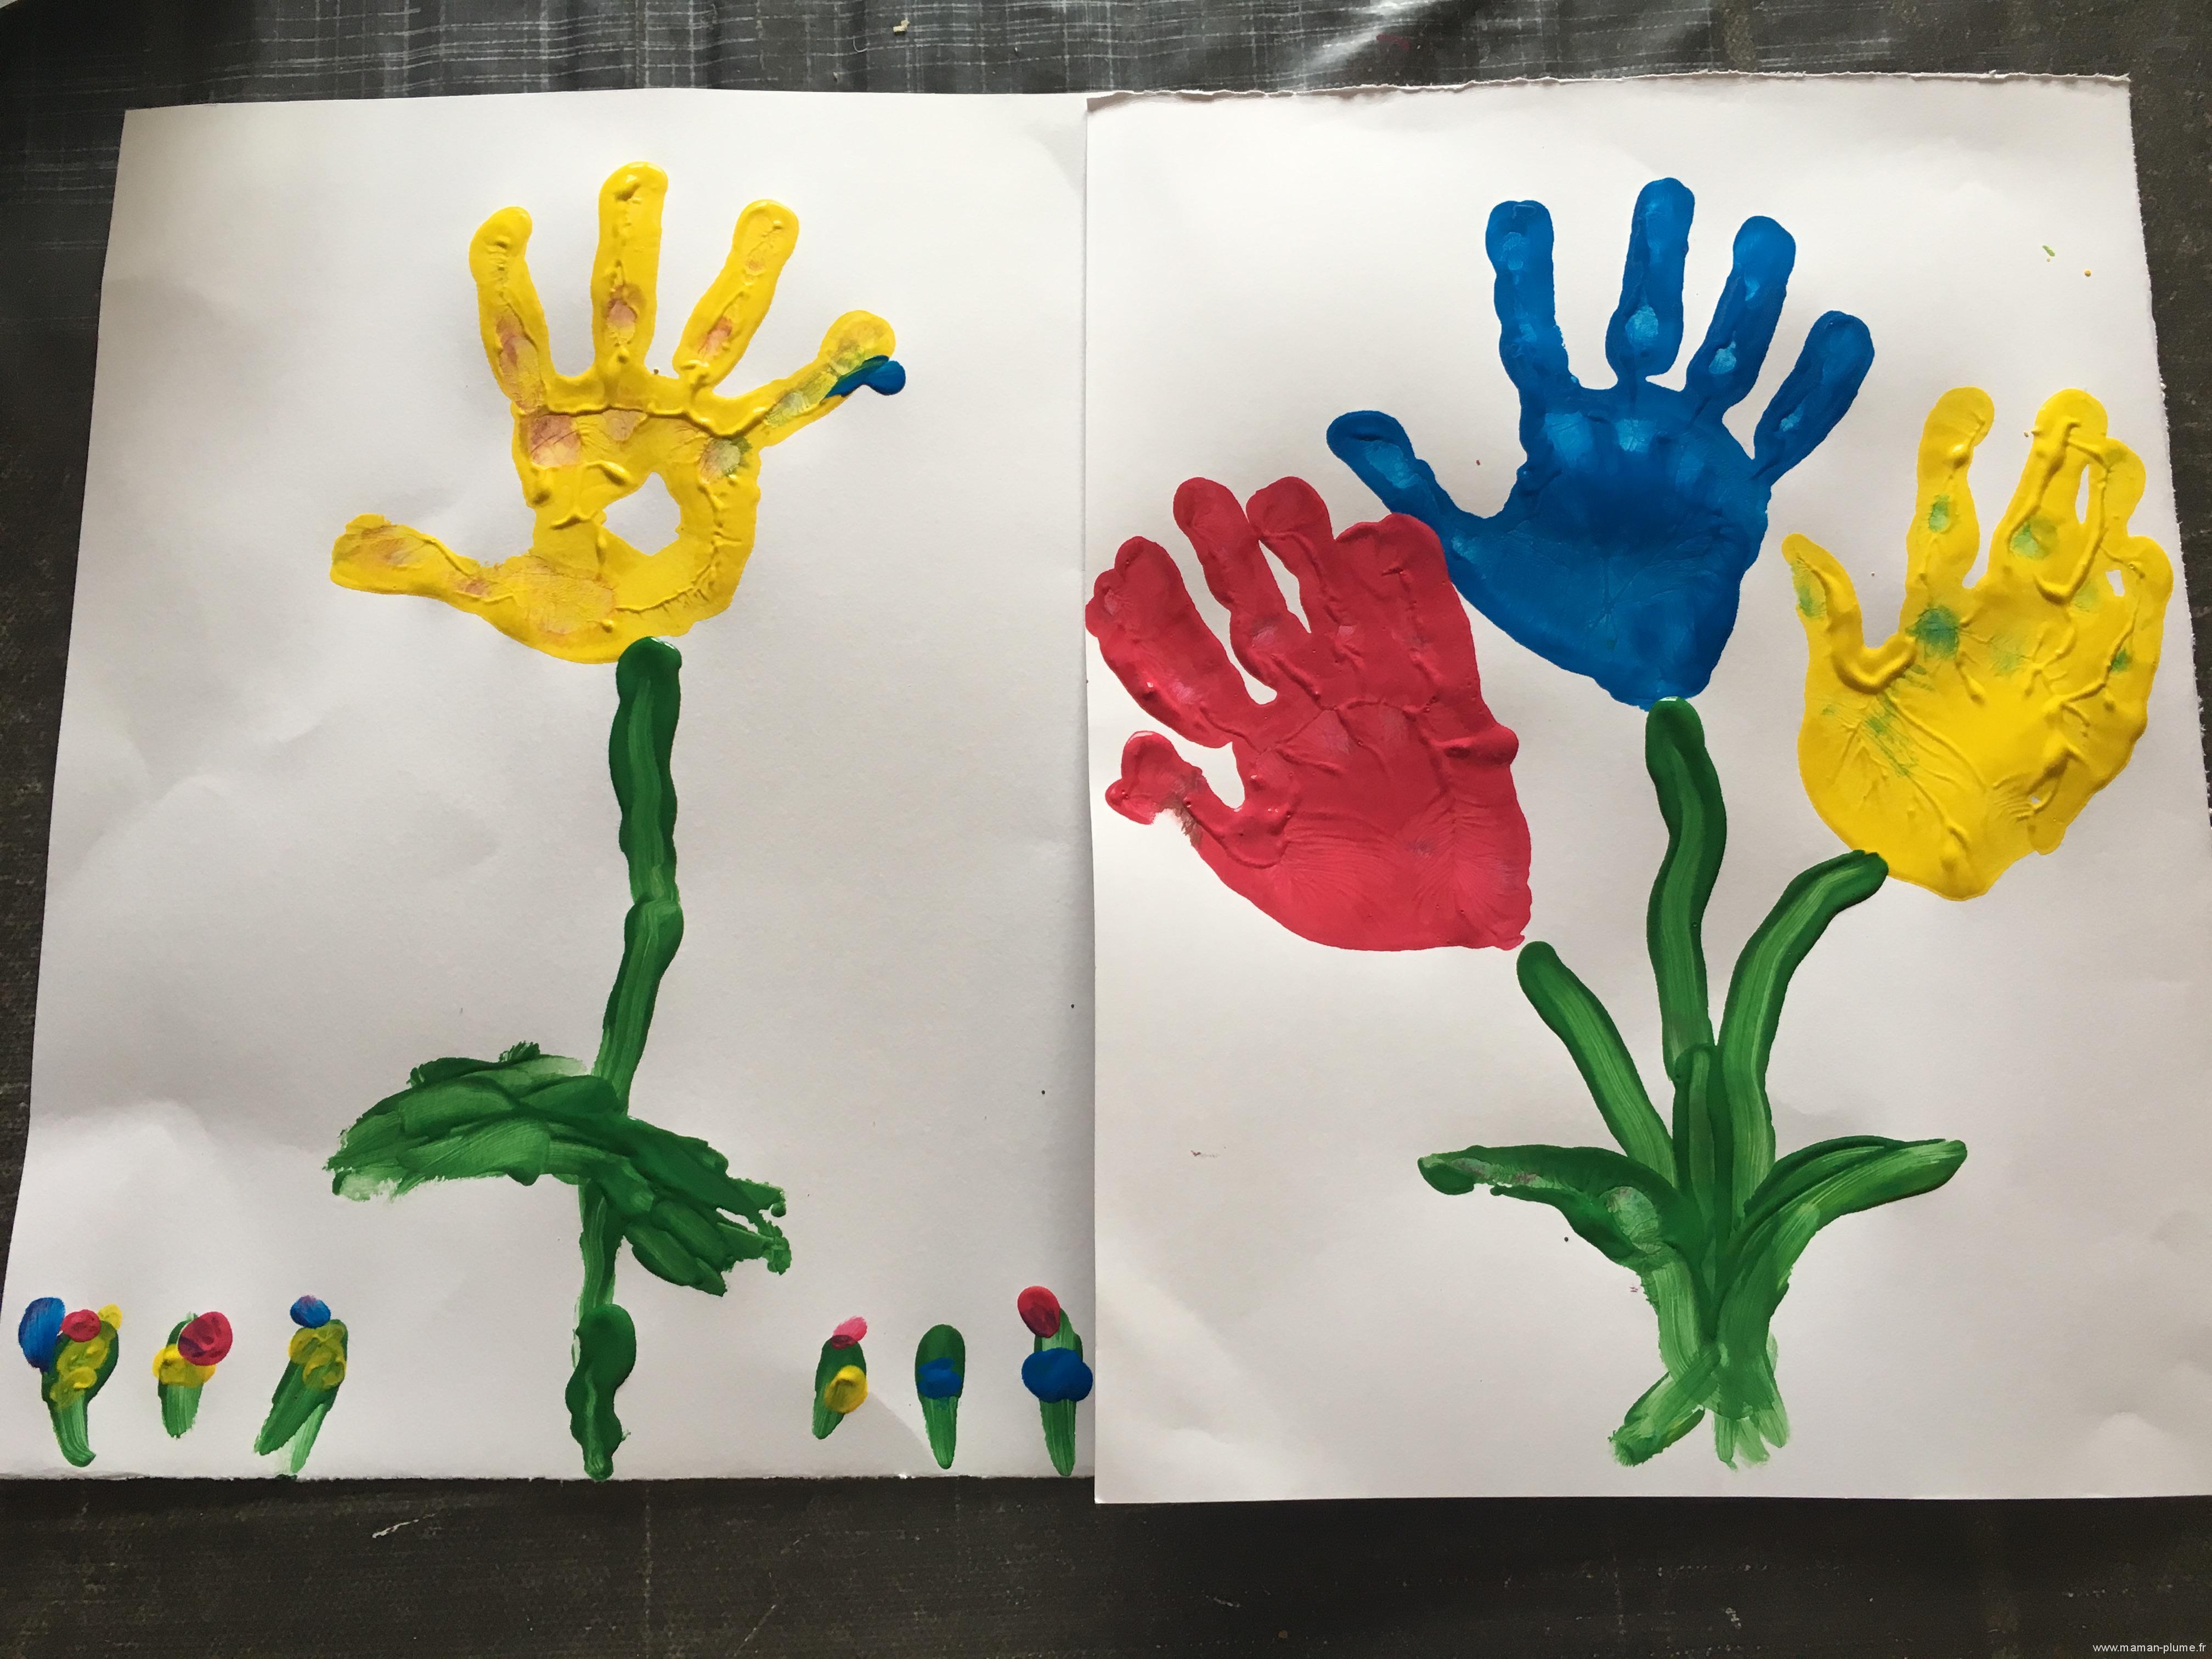 Activit peinture fleurs la main le blog de maman plume - Activite manuelle a faire a la maison ...